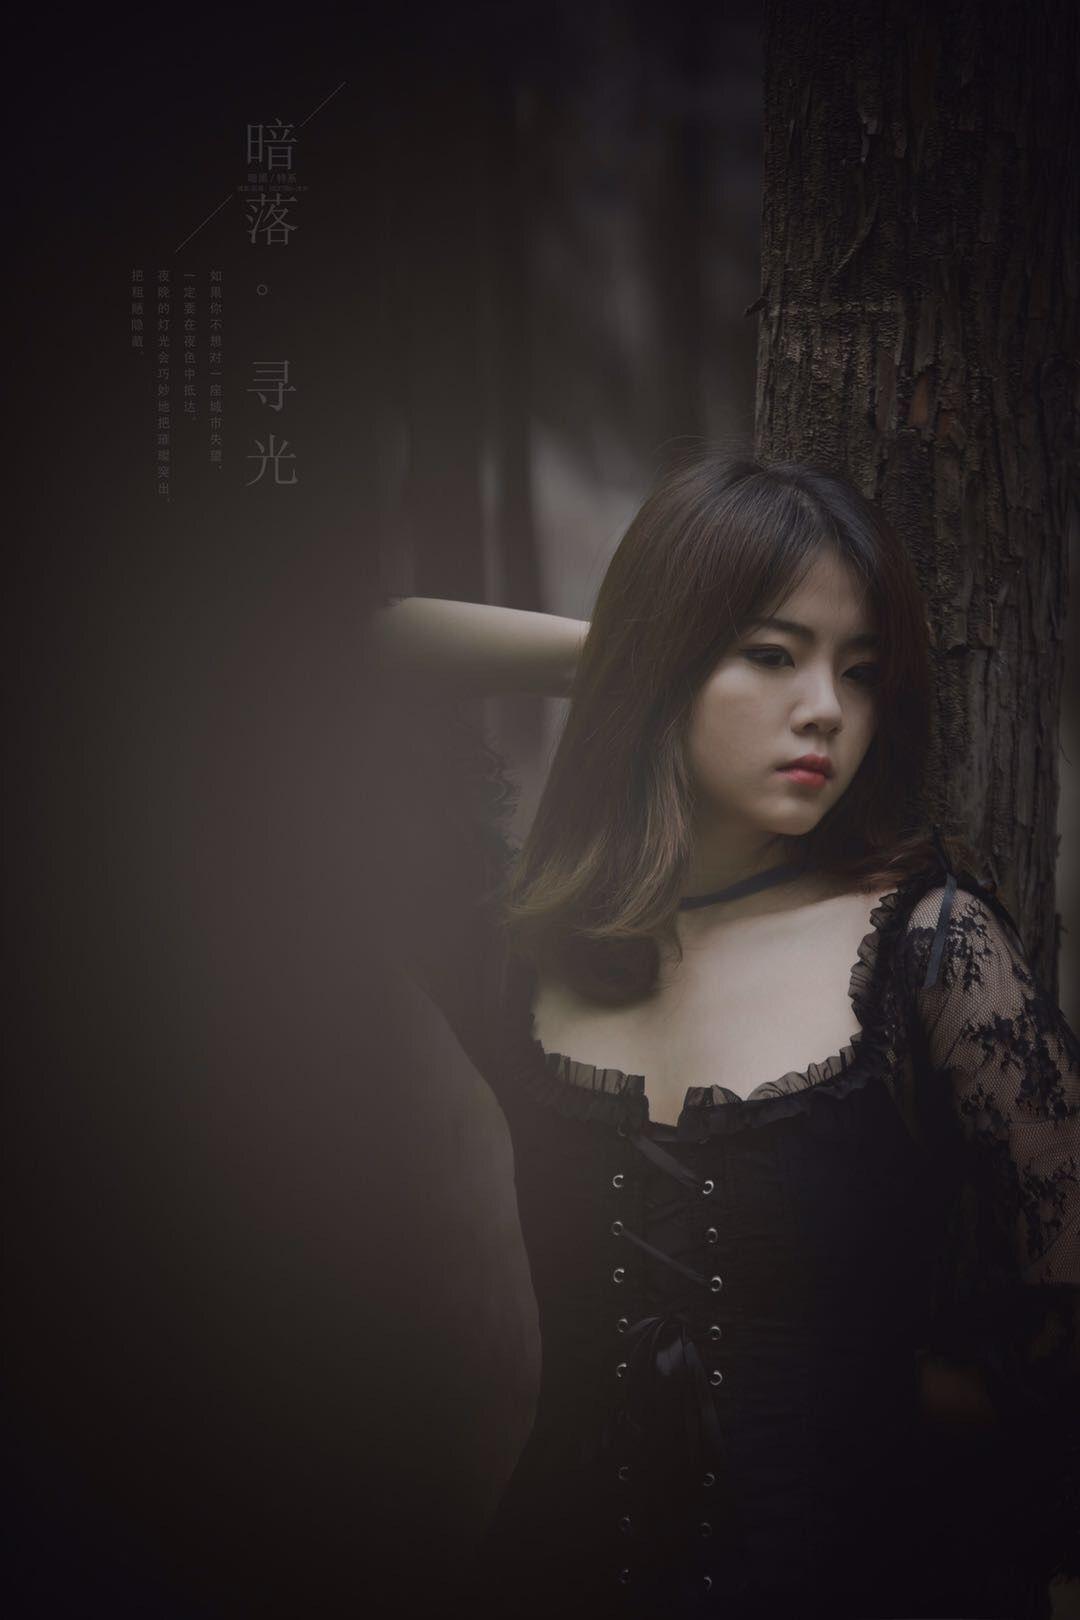 2019-06-01 共青森林公園 森系暗黑風格_攝影師DEXTRBJ-清水的返片